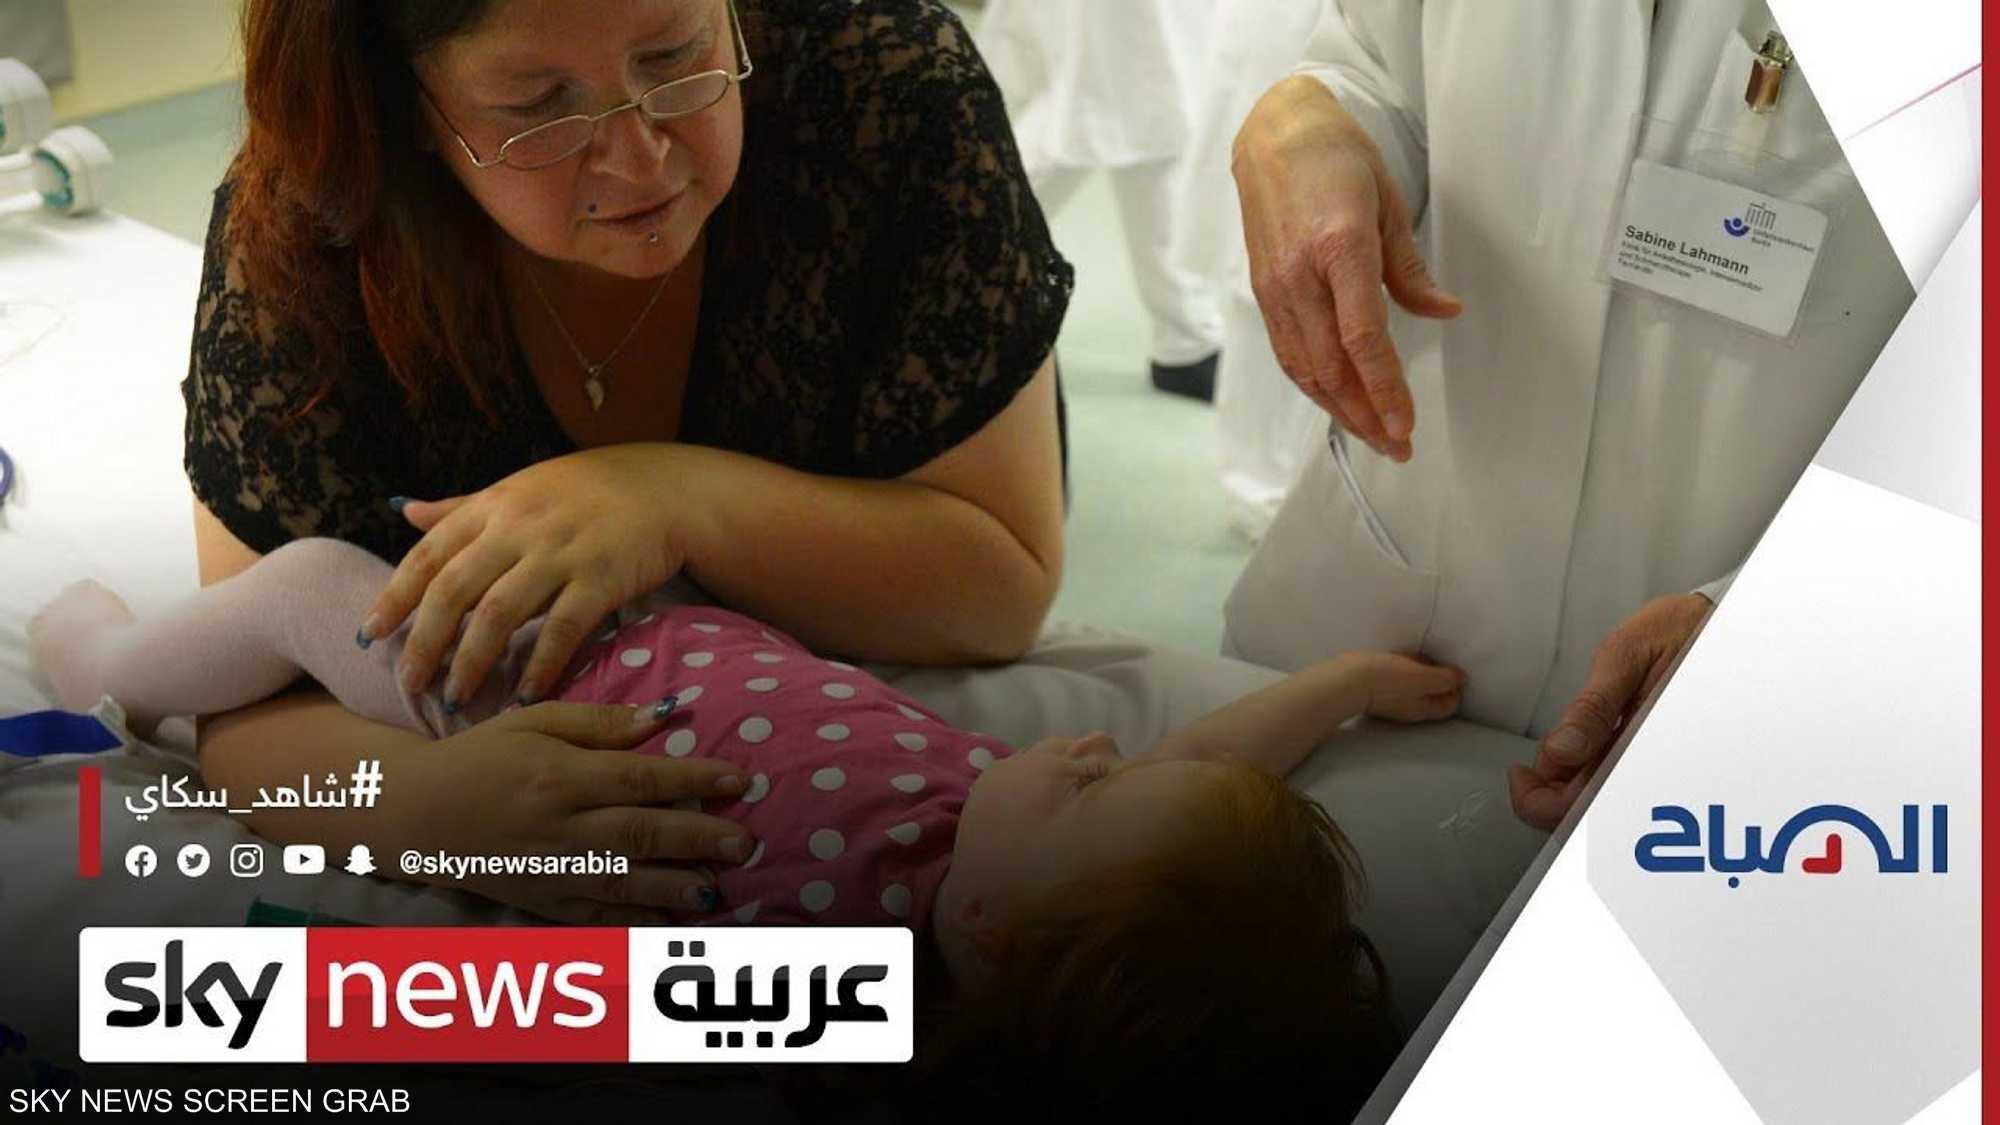 دراسة: نمط حياة الأم الصحي ينعكس إيجابا على صحة أطفالها